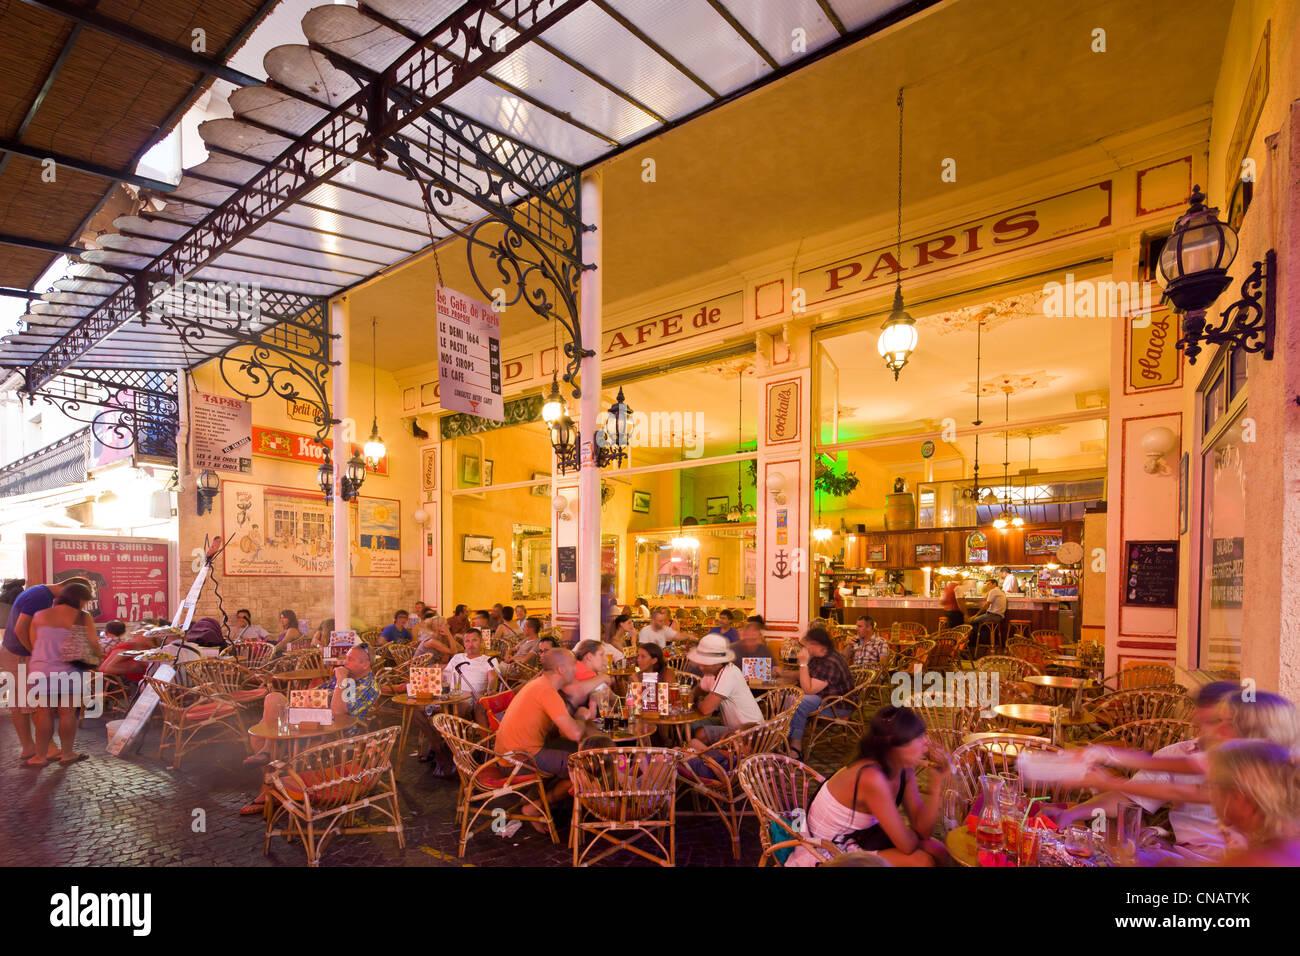 France, Gard, Camargue, Le Grau du Roi, restaurant cafe Le Grand Cafe de Paris Stock Photo